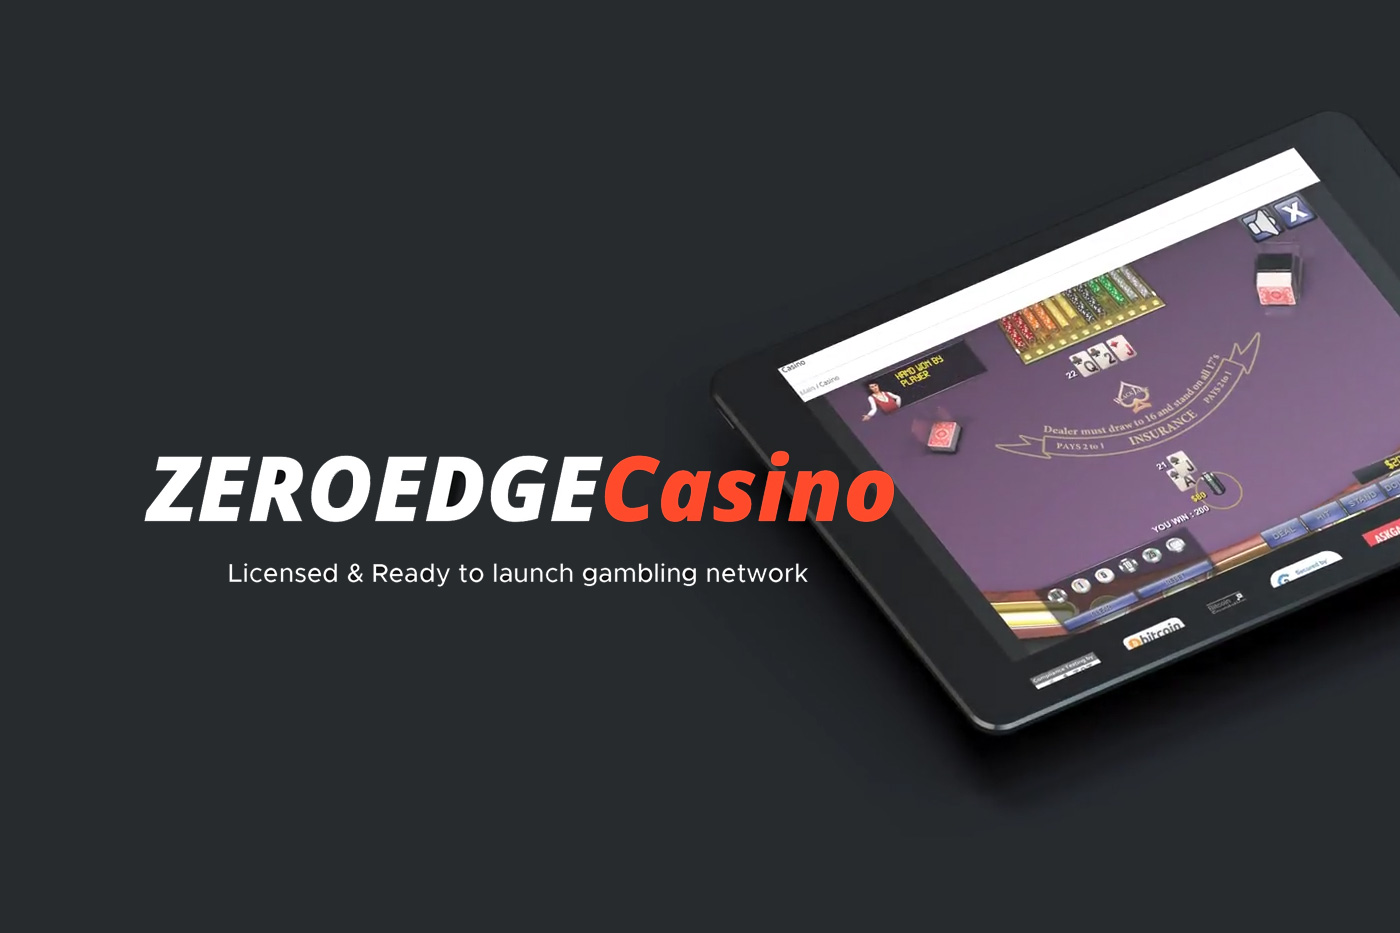 Пошаговое руководство для обучения успешной игре в онлайн казино